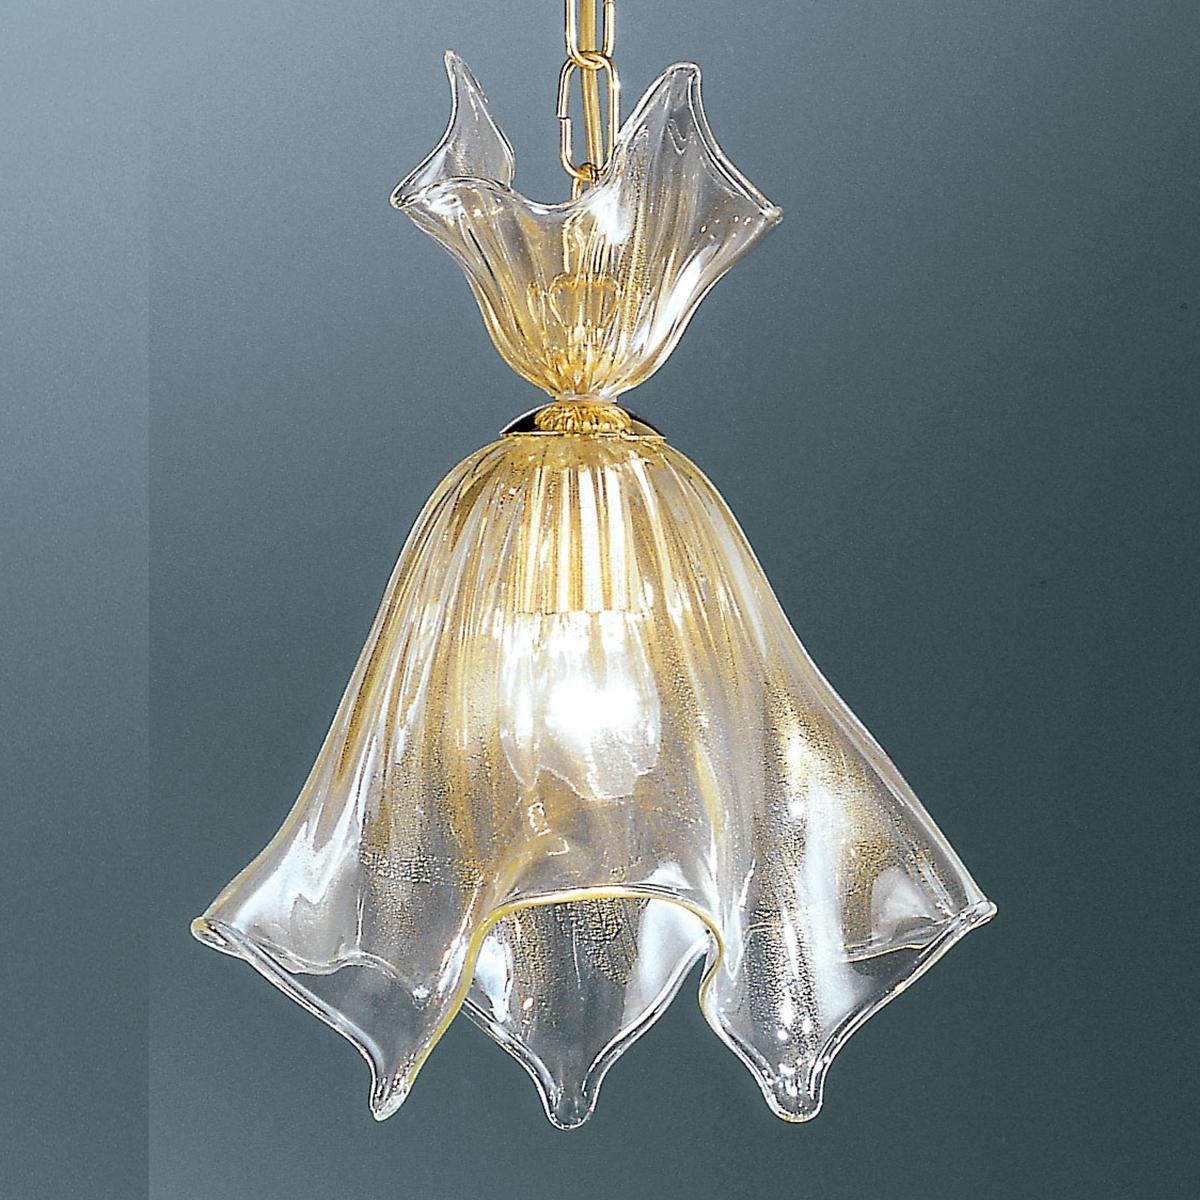 Fazzoletto Murano Gl Pendant Light Transpae And Gold